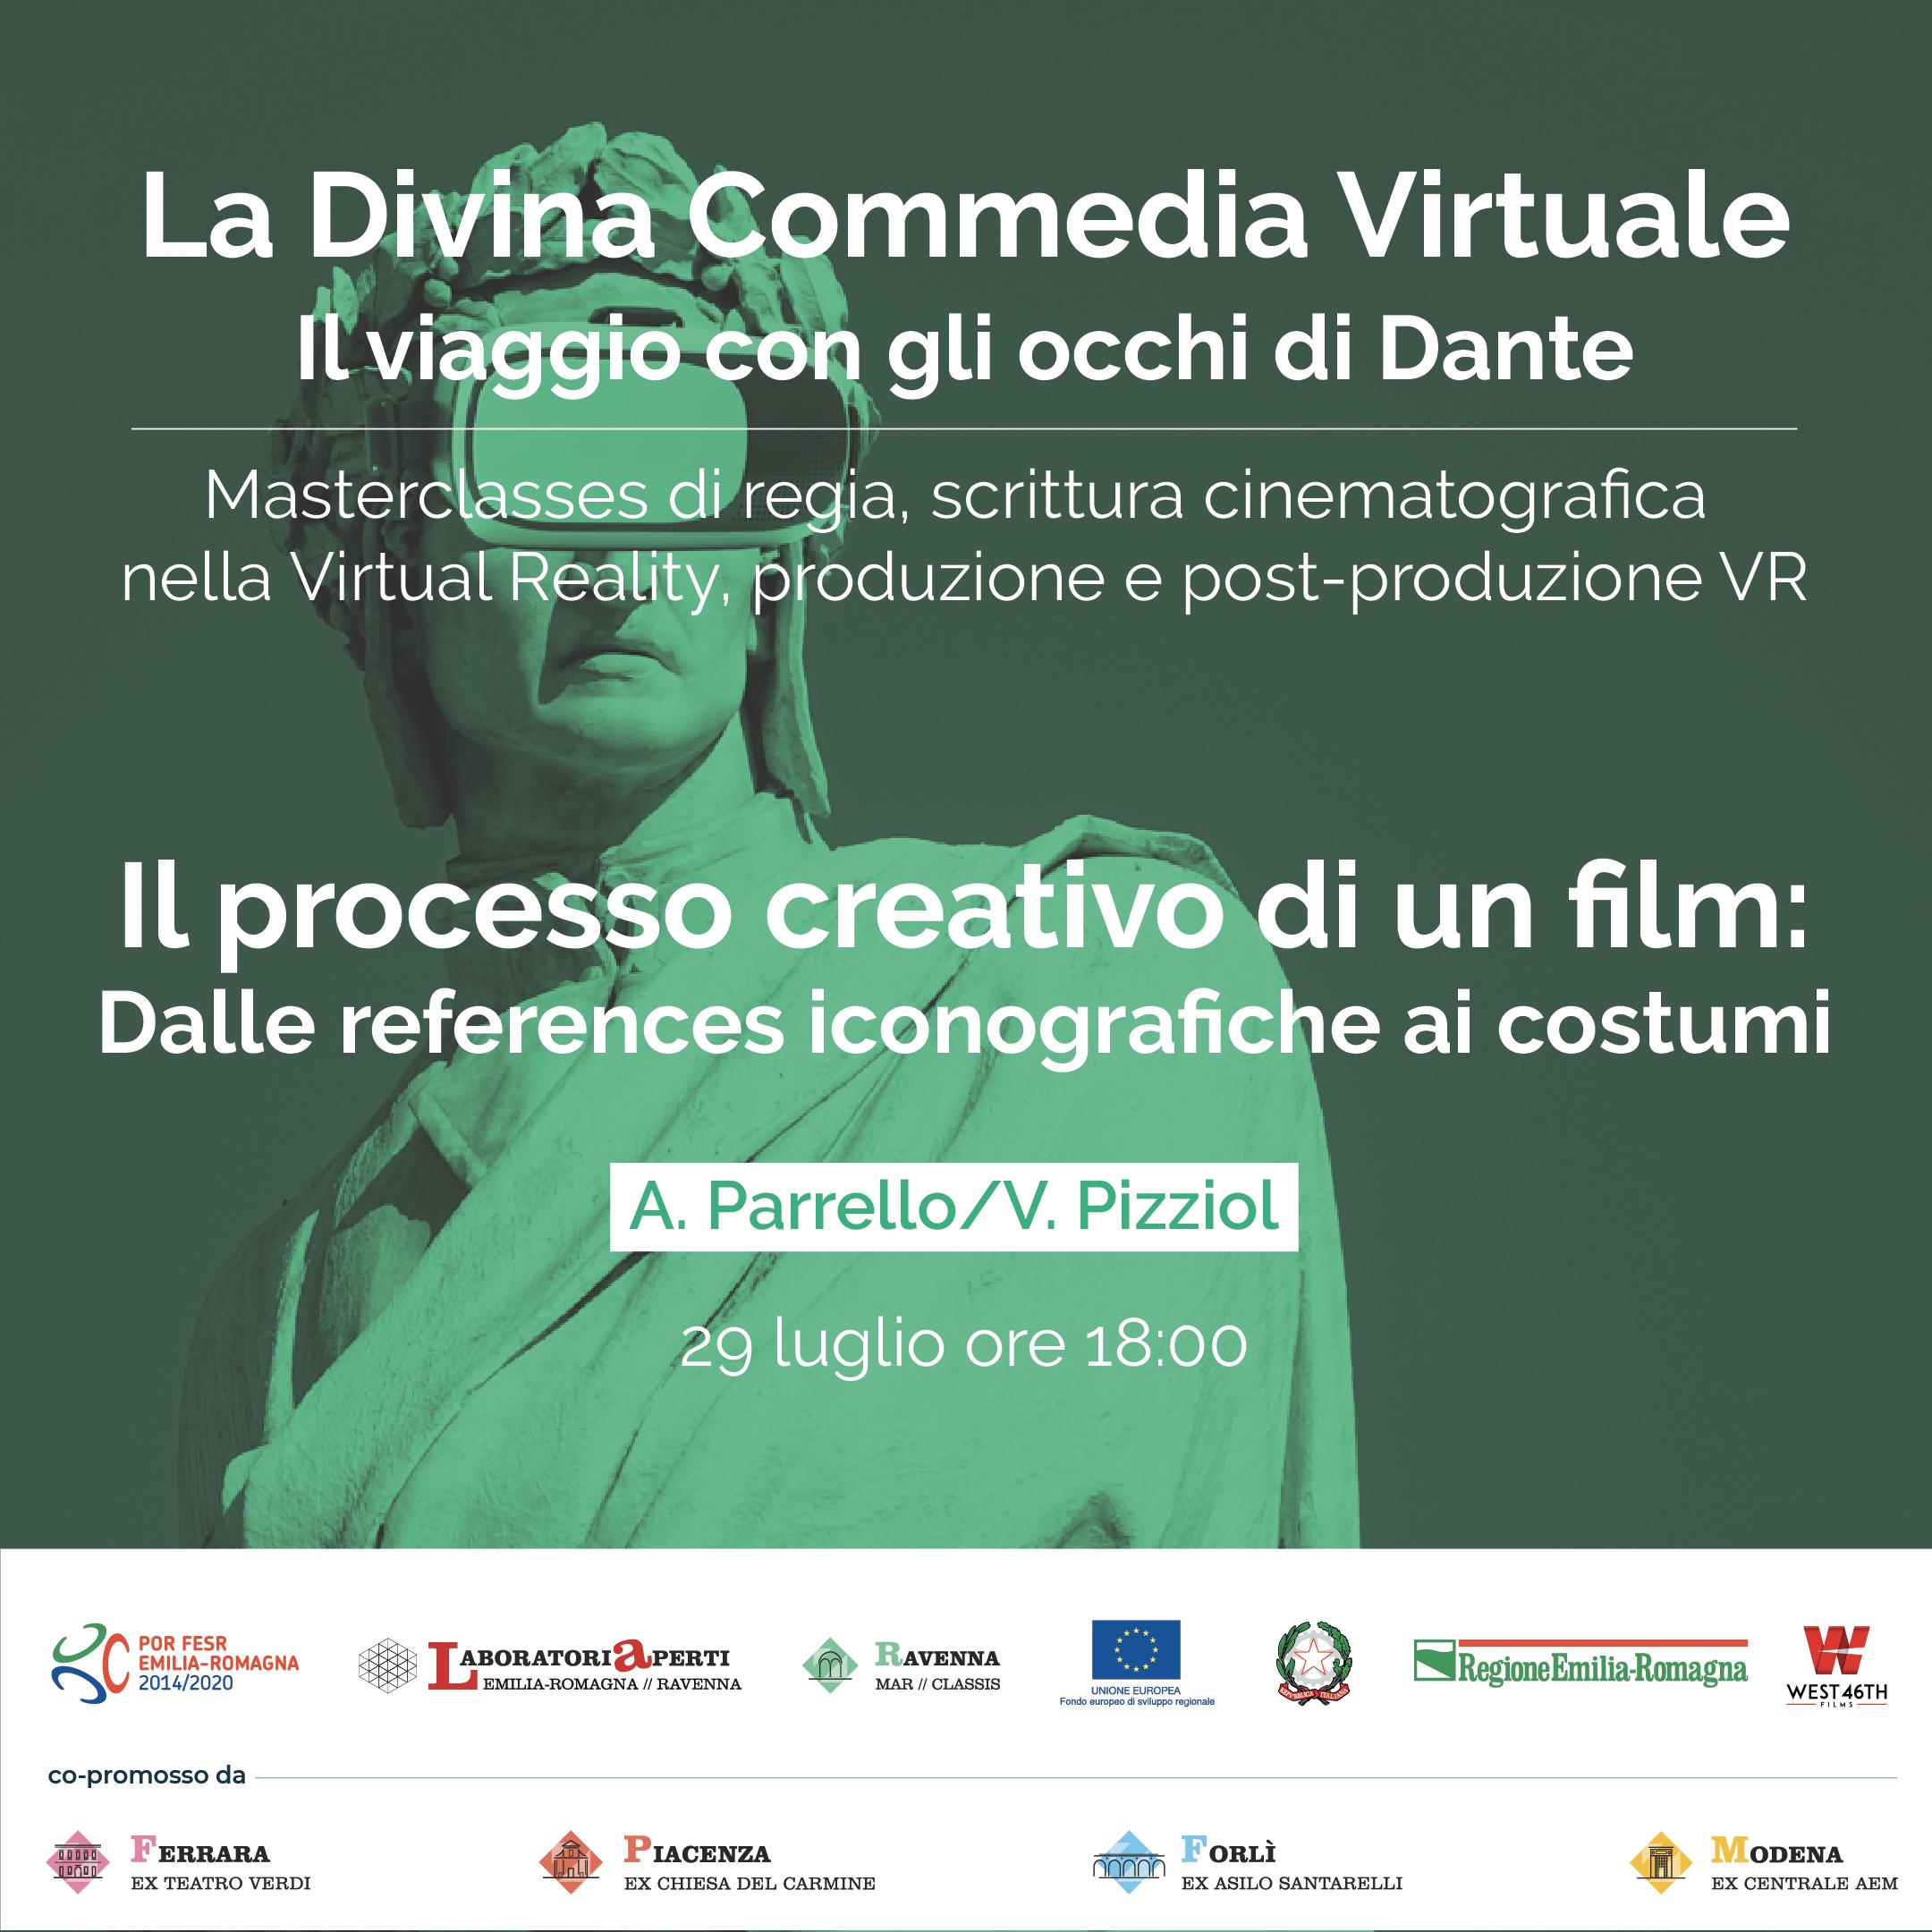 IL PROCESSO CREATIVO DI UN FILM: DALLE REFERENCES ICONOGRAFICHE AI COSTUMI